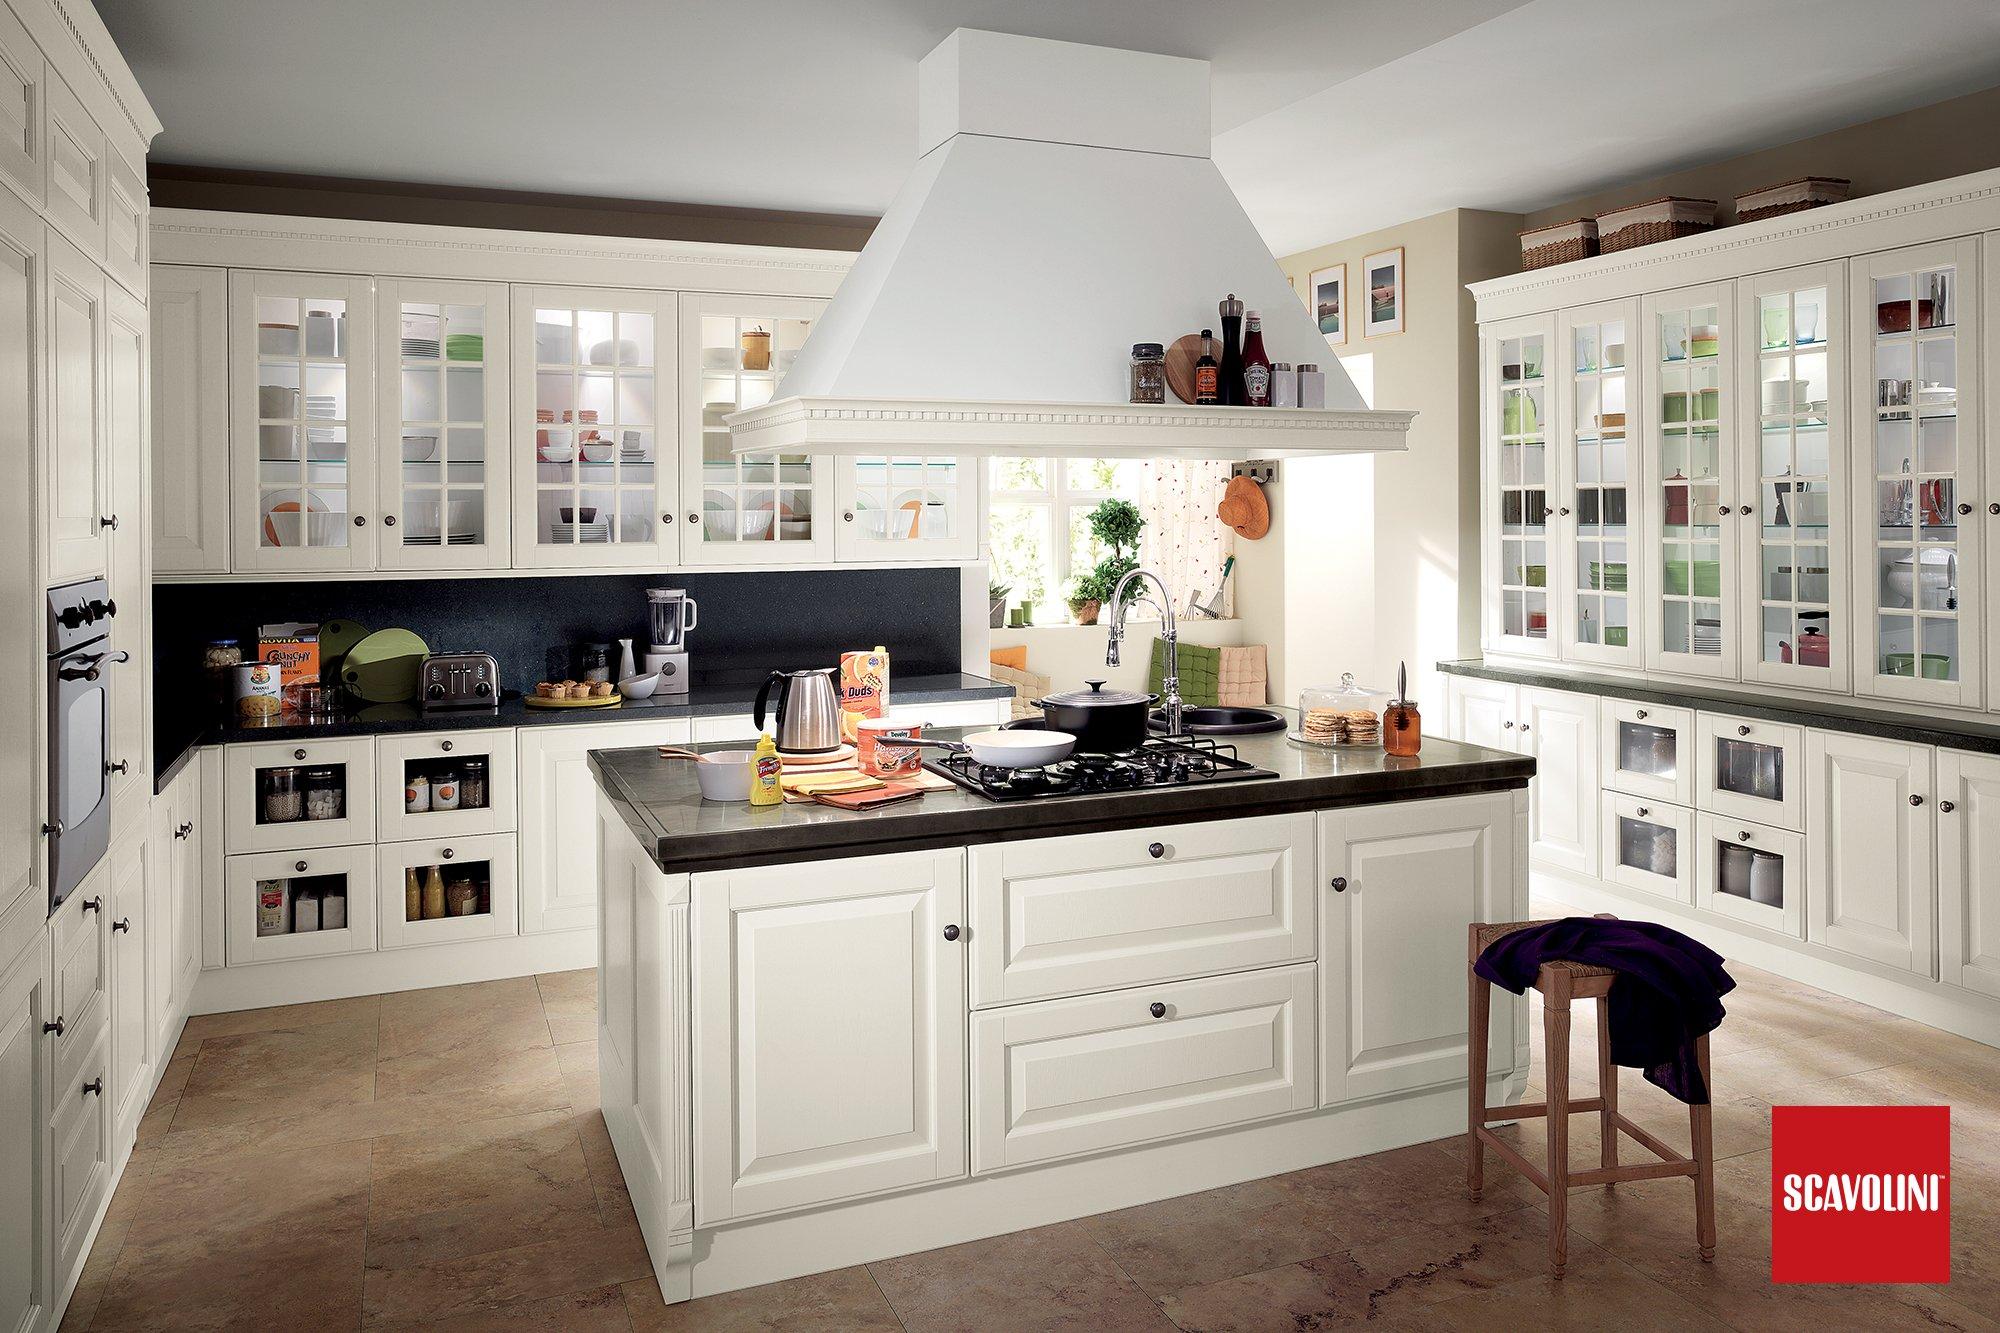 Cucina Scavolini mod. Baltimora anta legno rovere bianco assoluto